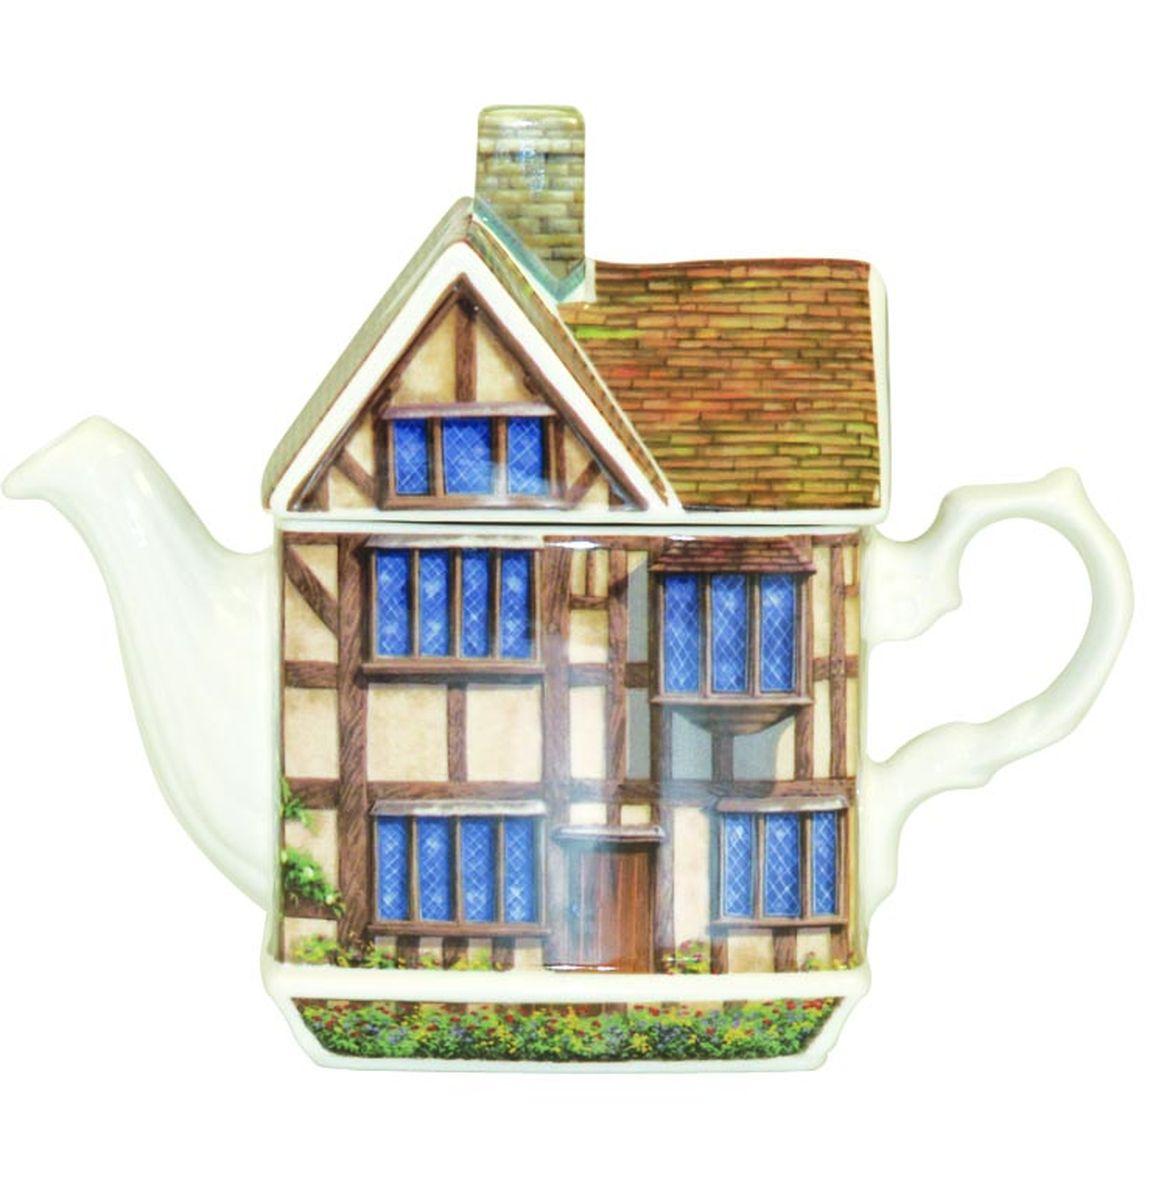 Чайник заварочный Churchill Чайный домик Шекспира, 500 мл. TREN00021TREN00021Джеймс Садлер Джеймс Садлер был основан в 1882 году в Сток-он-Трент, в самом центре фаянсовой промышленности. Данная коллекция наполнена британским наследием, идеальная коллекция для туристов. Коллекция наполнена достопримечательностями Великобритании. Внимание: посуда с позолоченным орнаментом запрещена для использования в микроволновой печи, т.к. металлическая позолота может привести к искрообразованию в камере микроволновой печи.